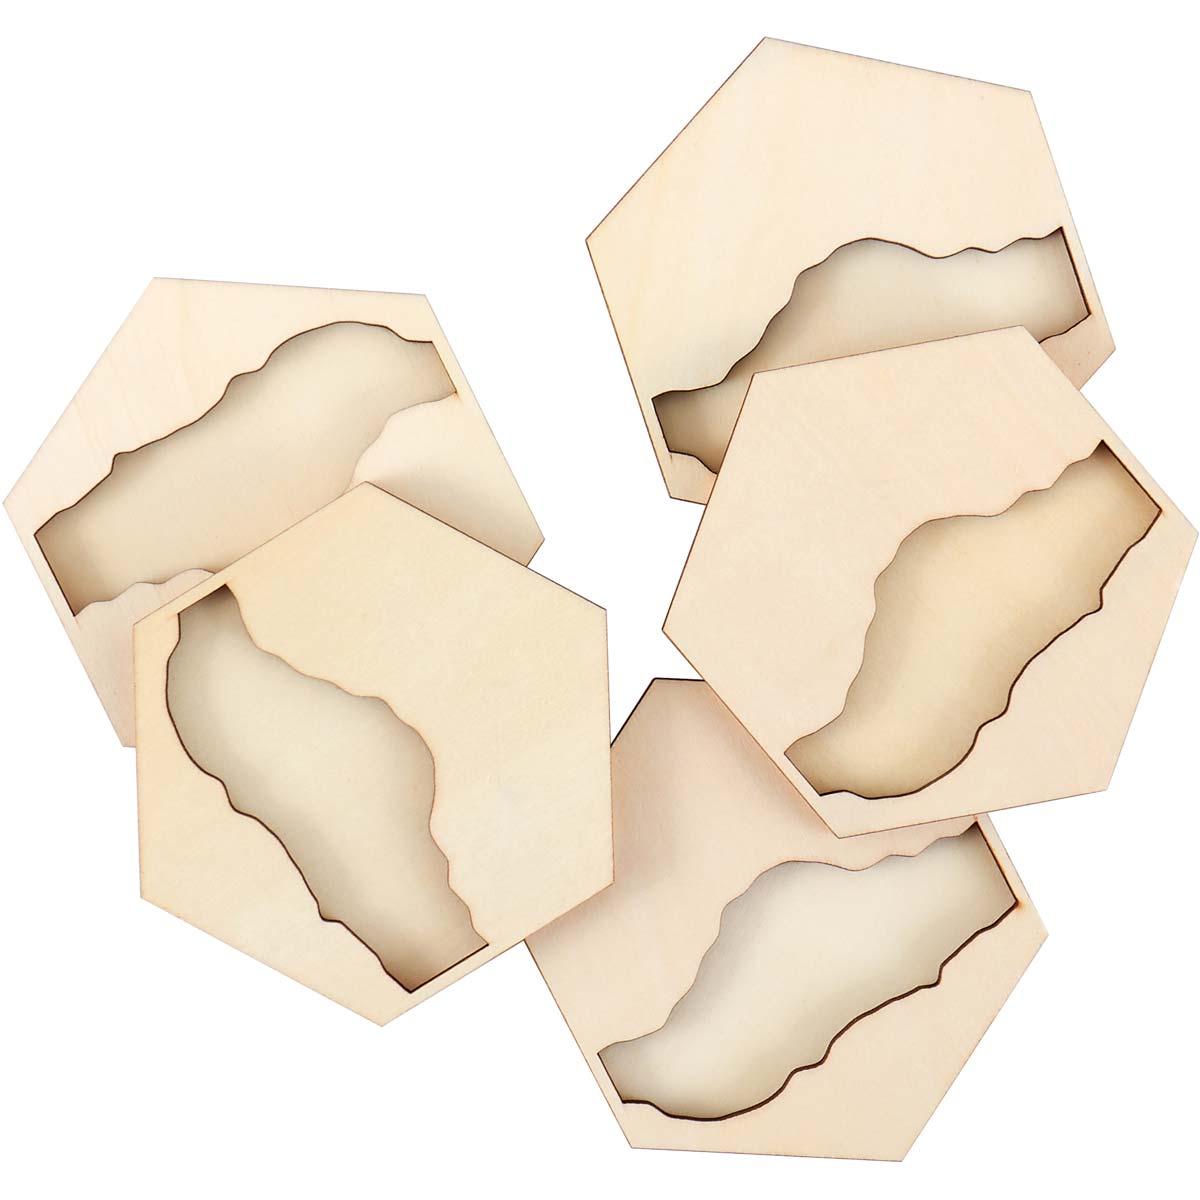 Mod Podge ® Resin Pouring Surface - Hexagon River Coasters - 56934E